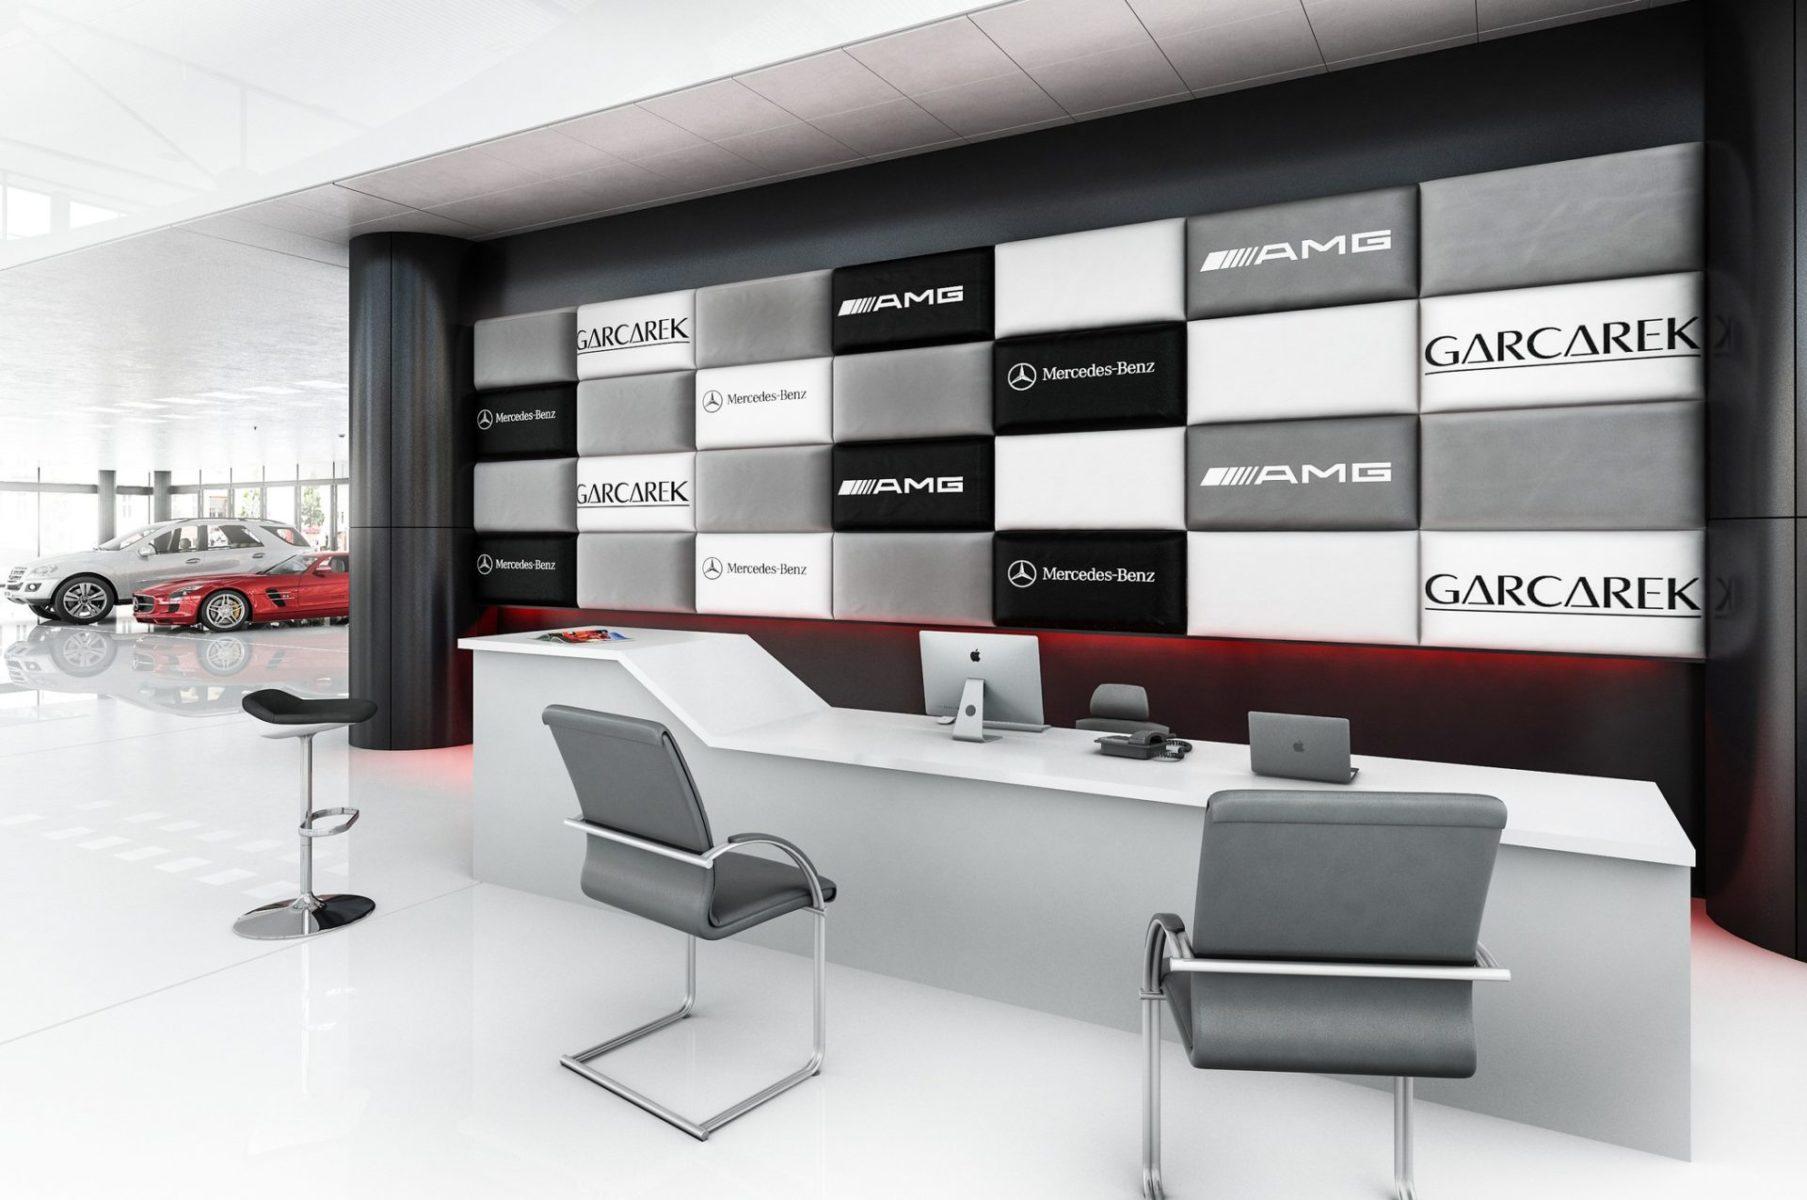 salon samochodowy wizualizacja wnętrza architektura